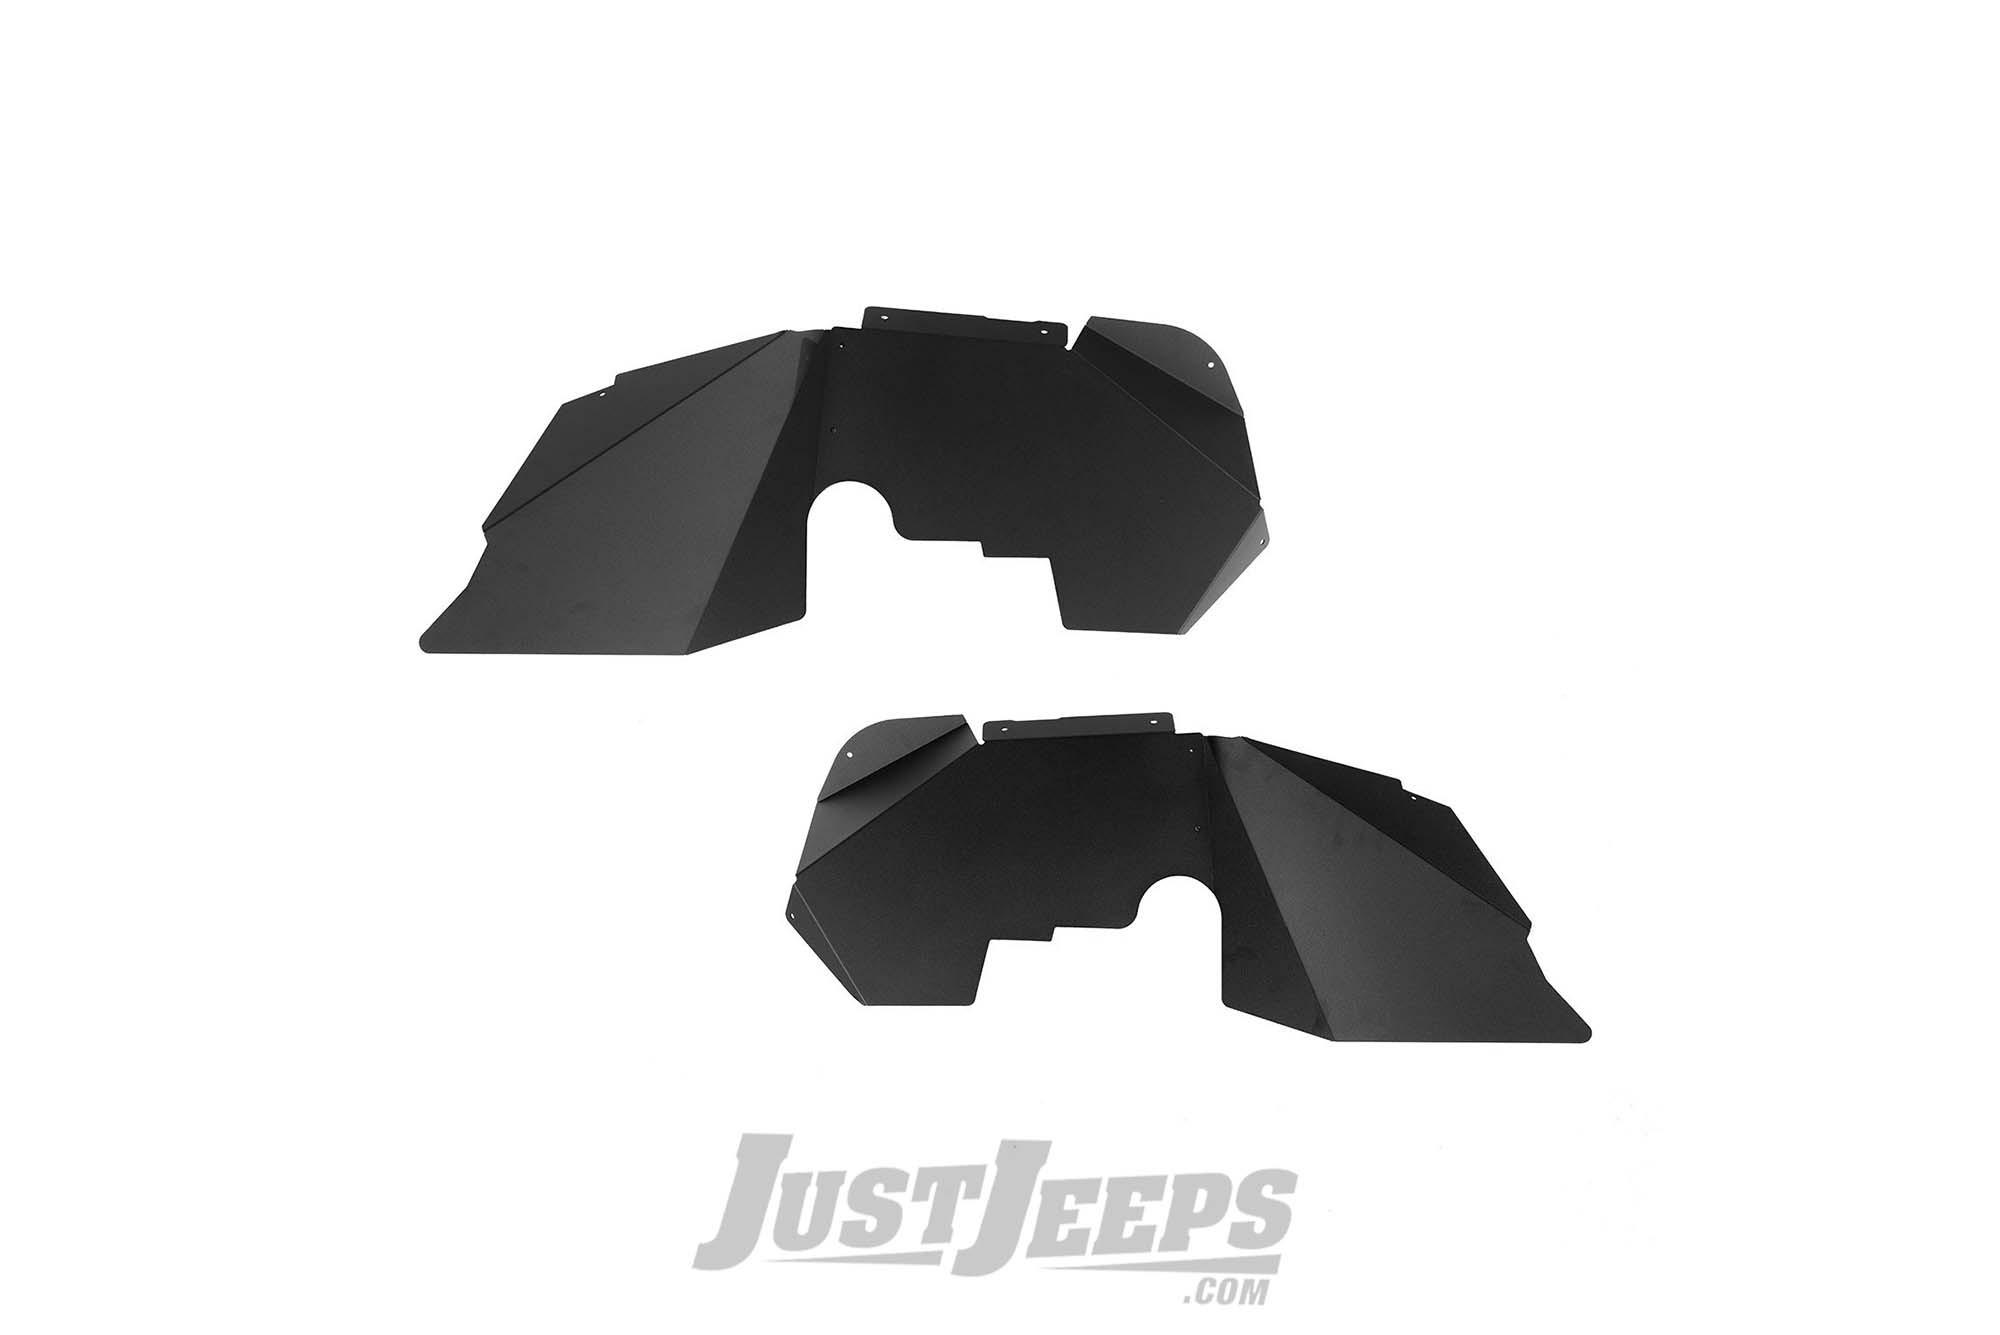 Rugged Ridge Front Inner Fenders For 2007-18 Jeep Wrangler JK 2 Door & Unlimited 4 Door Models